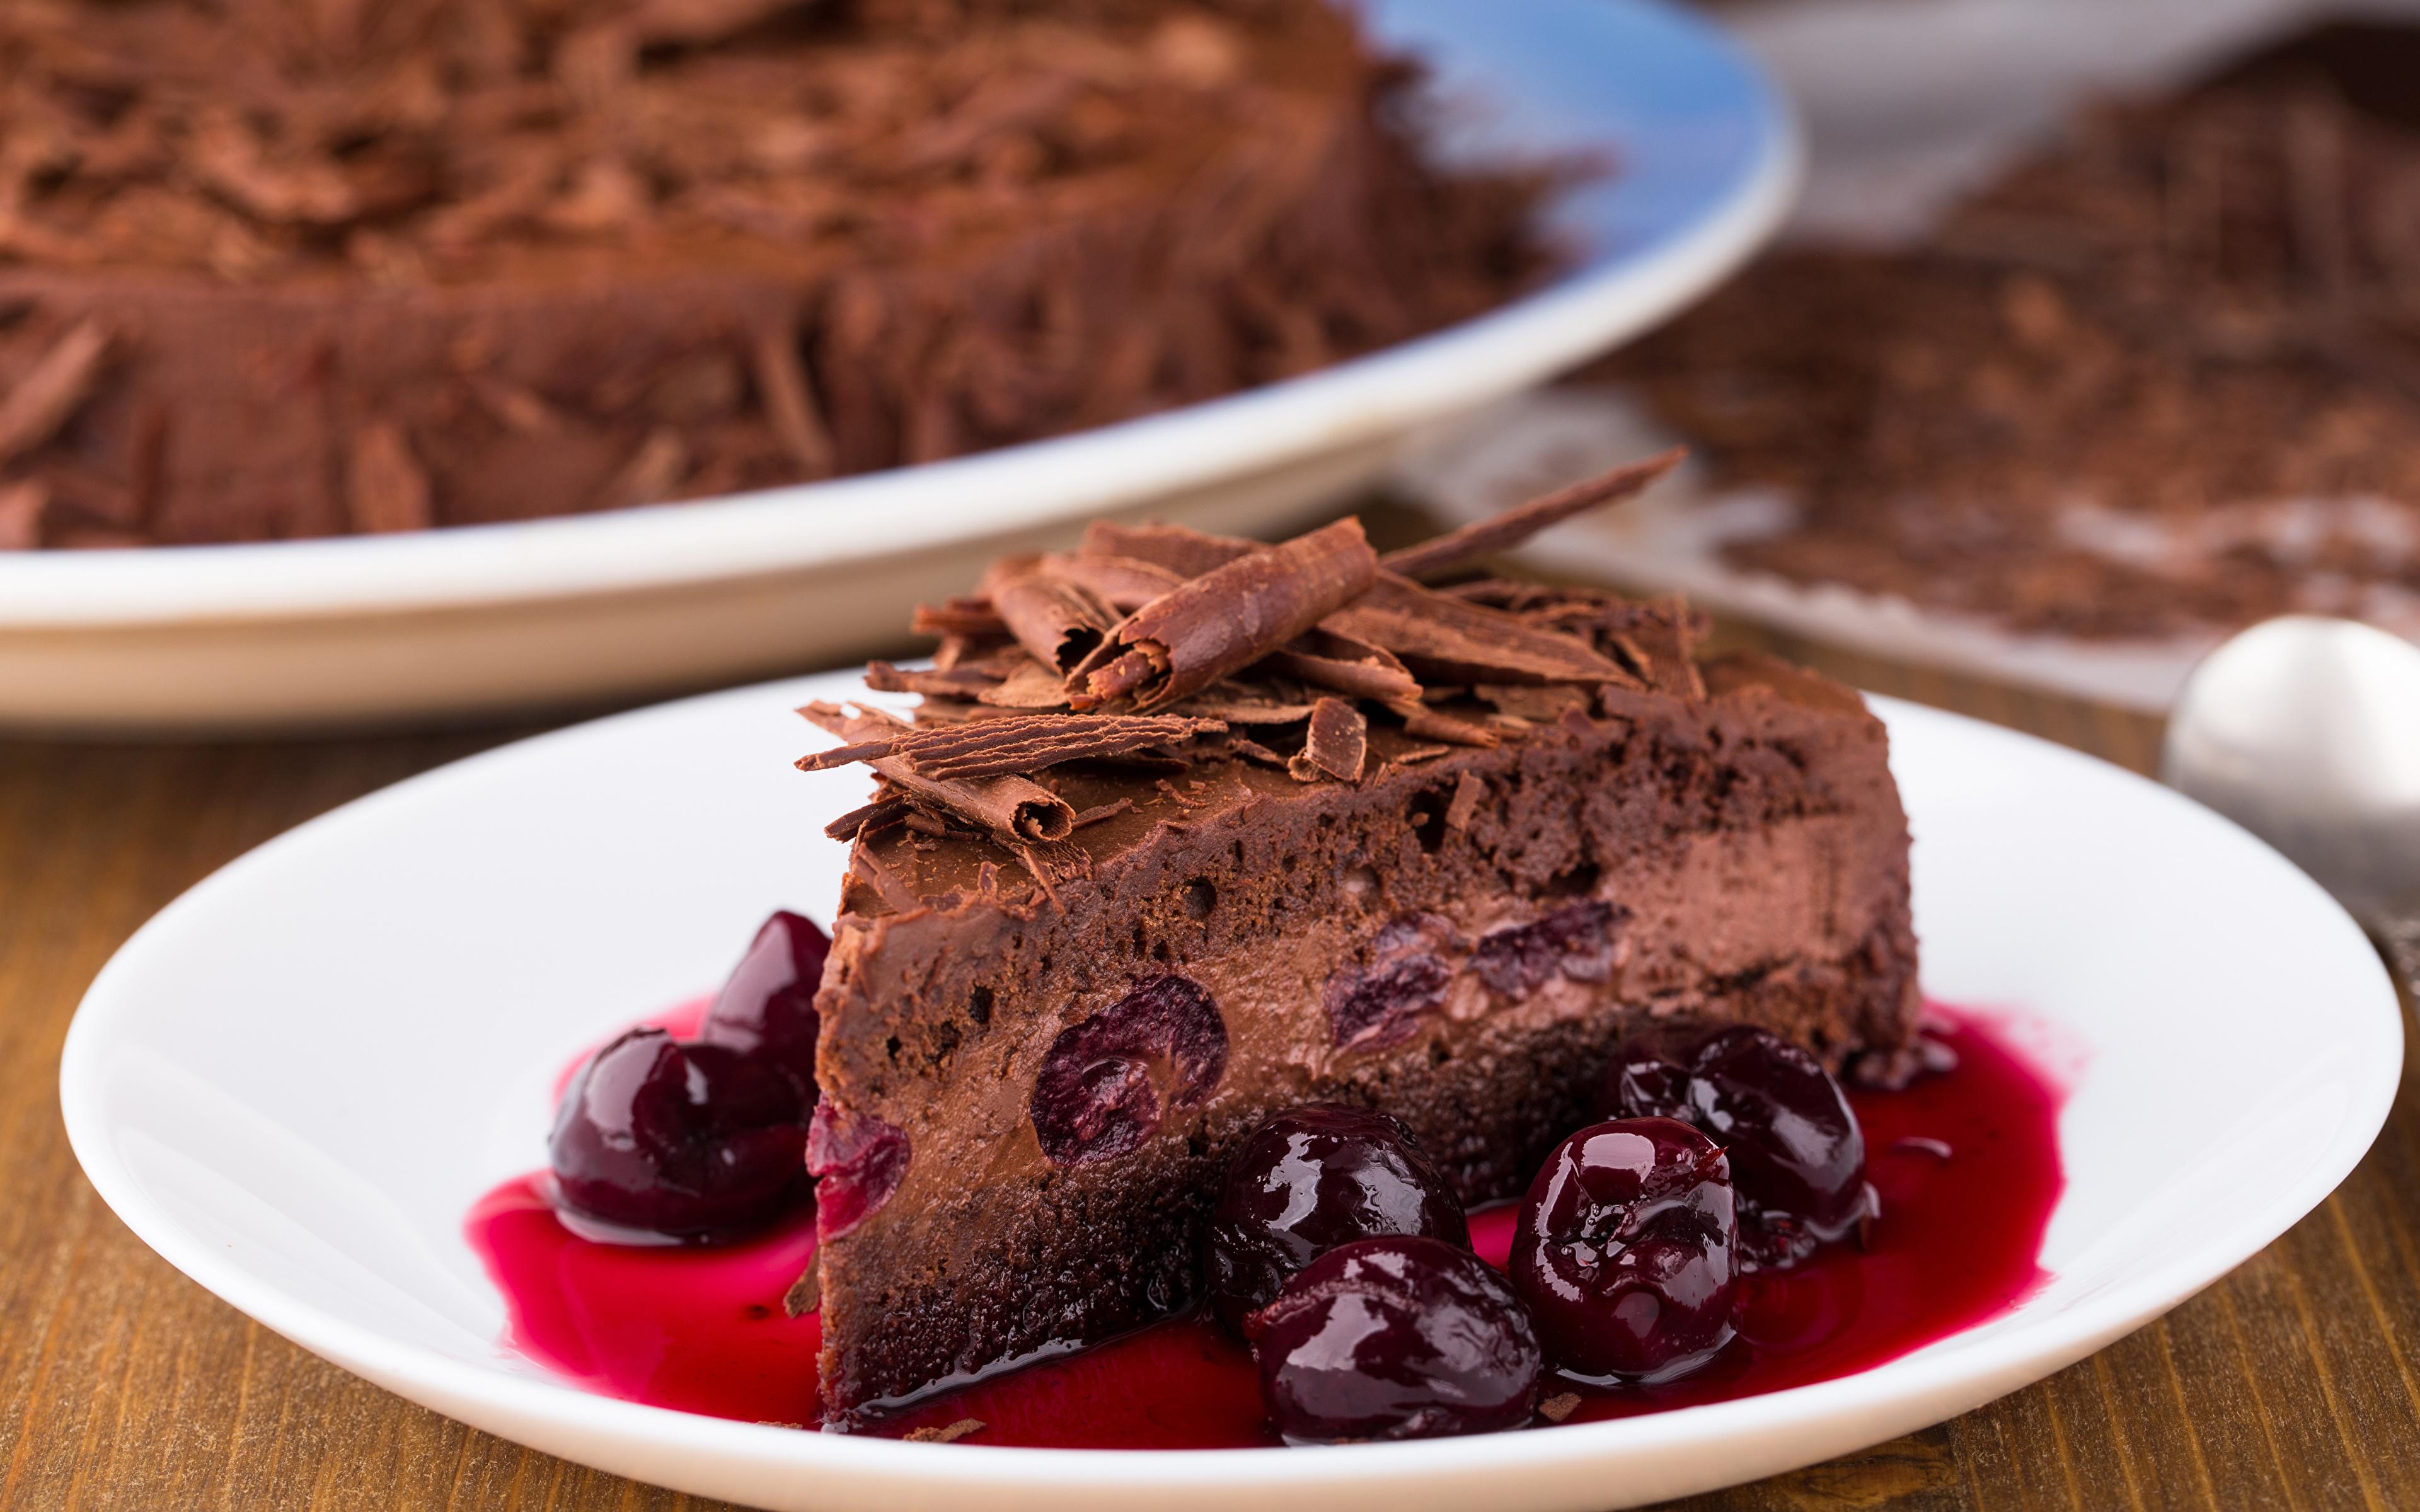 Картинки Шоколад Торты Кусок Вишня Пища 3840x2400 часть кусочки кусочек Черешня Еда Продукты питания